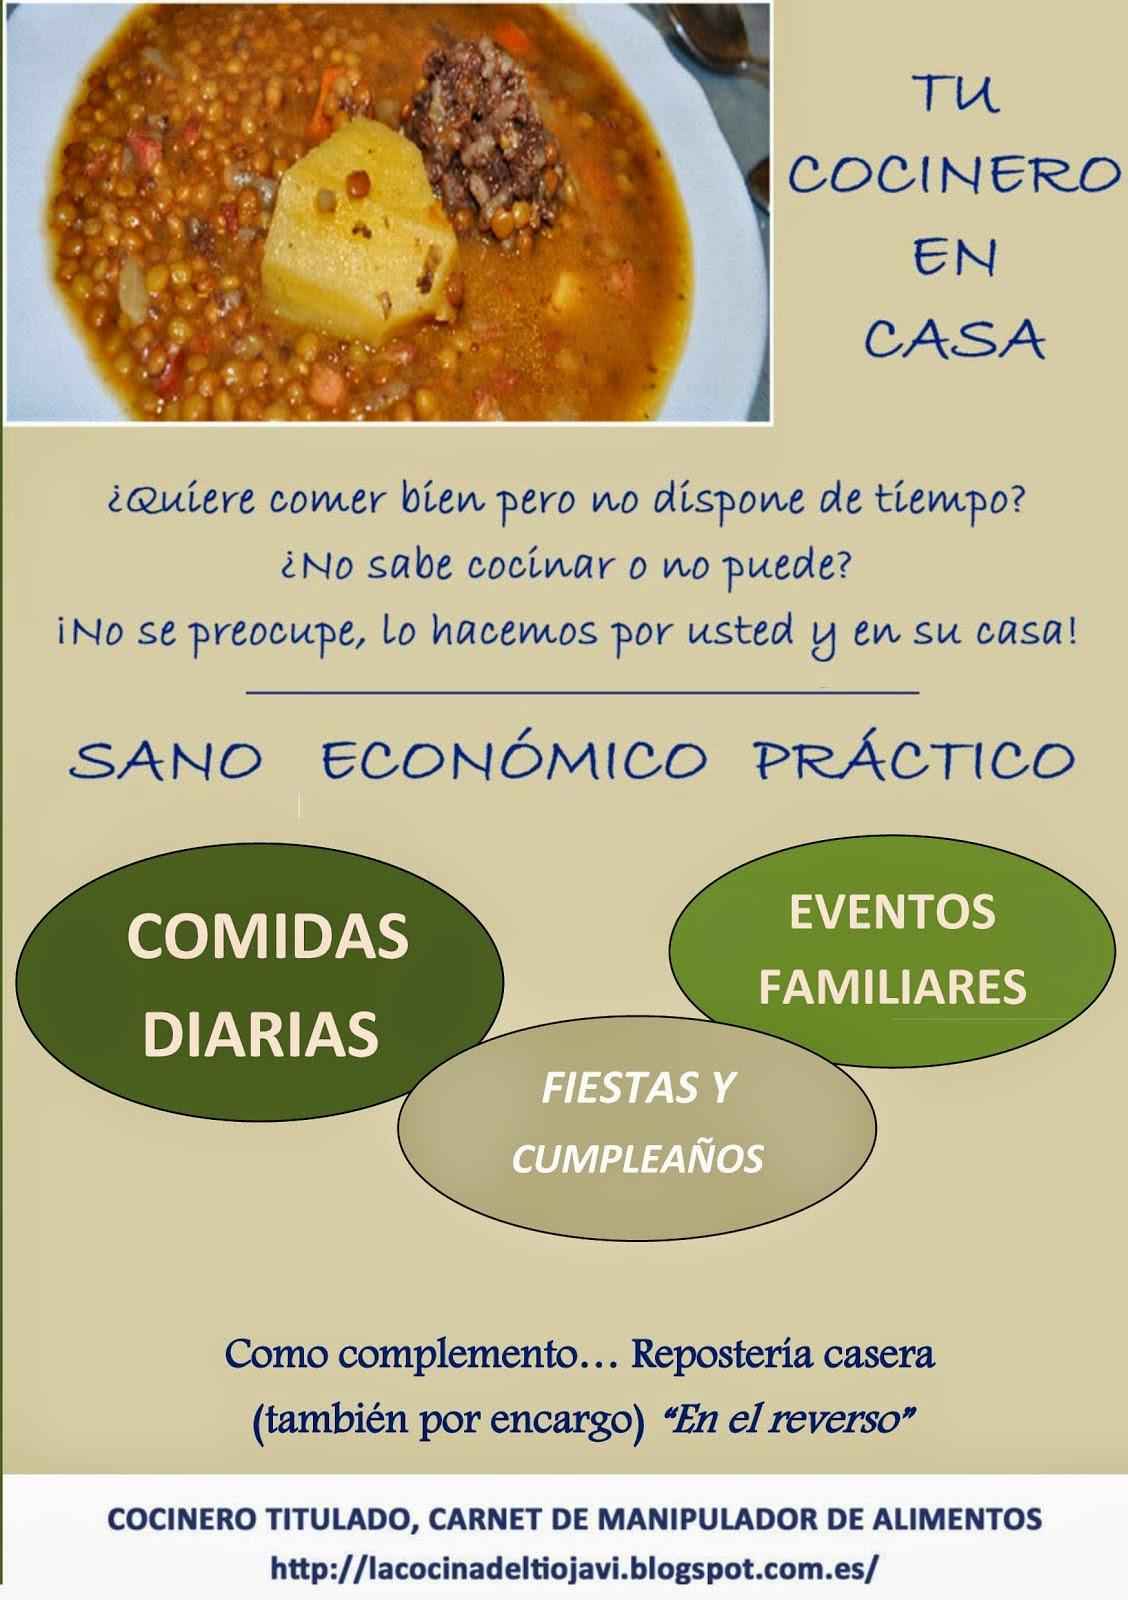 TU COCINERO EN CASA